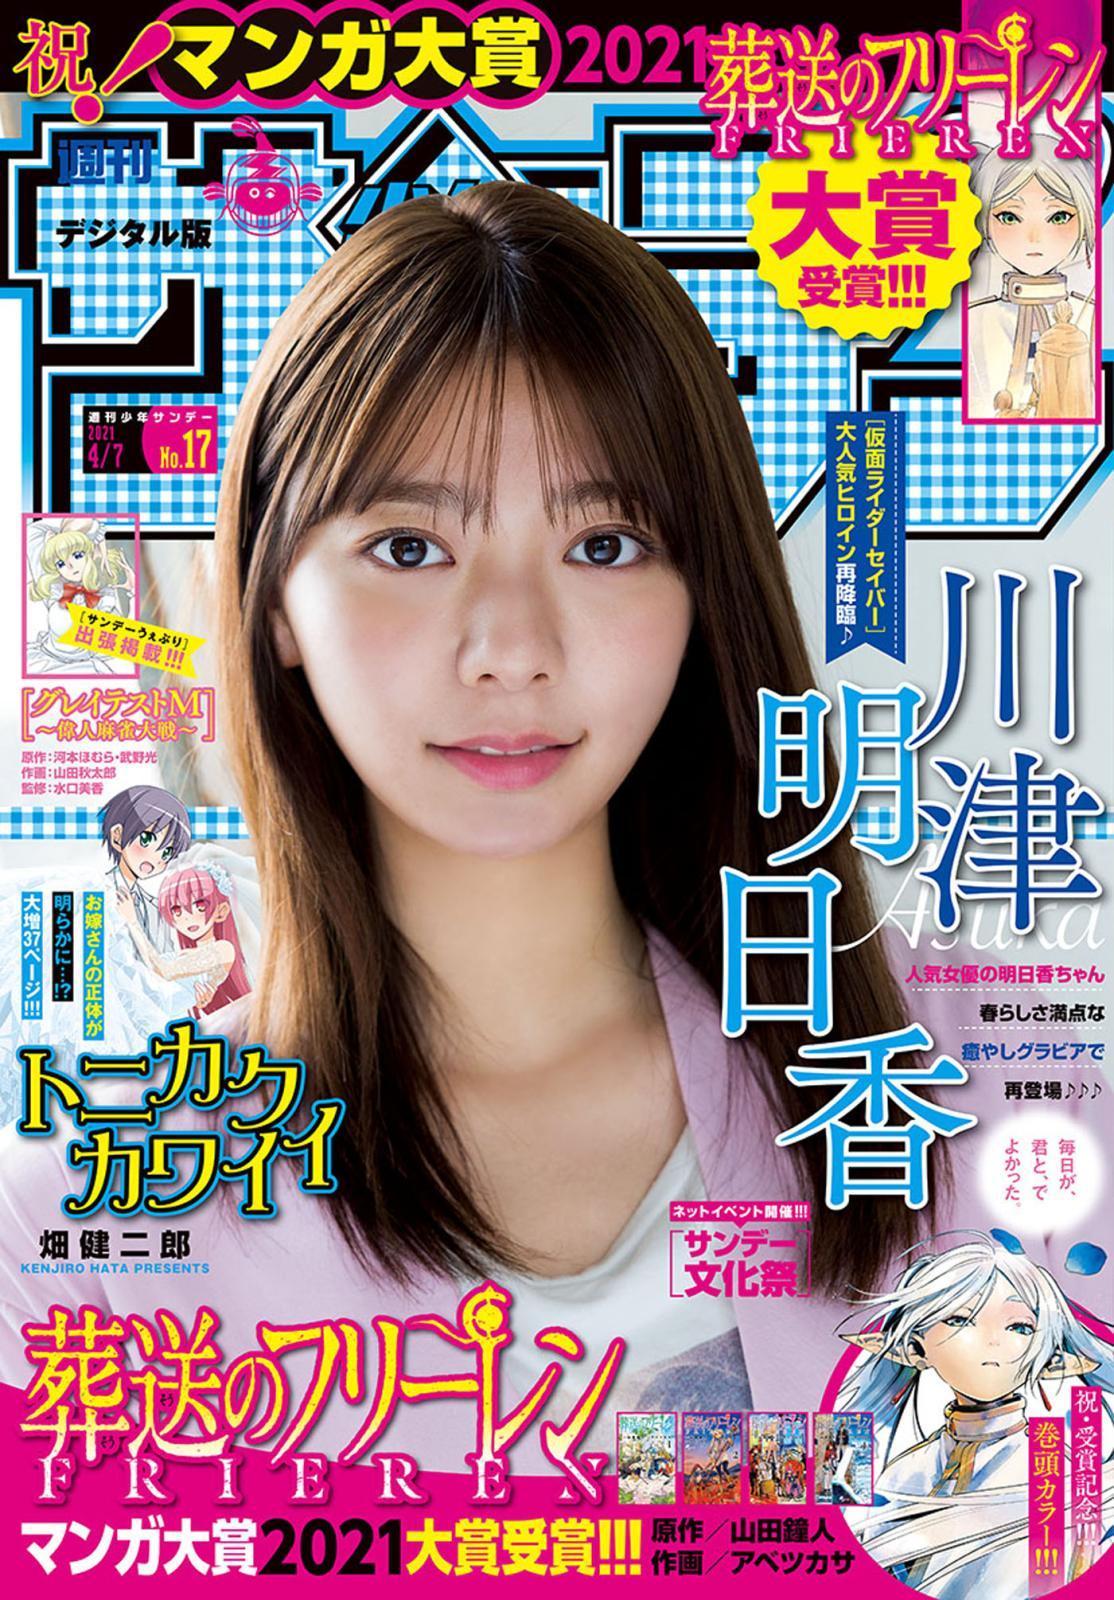 週刊少年サンデー 2021年17号(2021年3月24日発売)